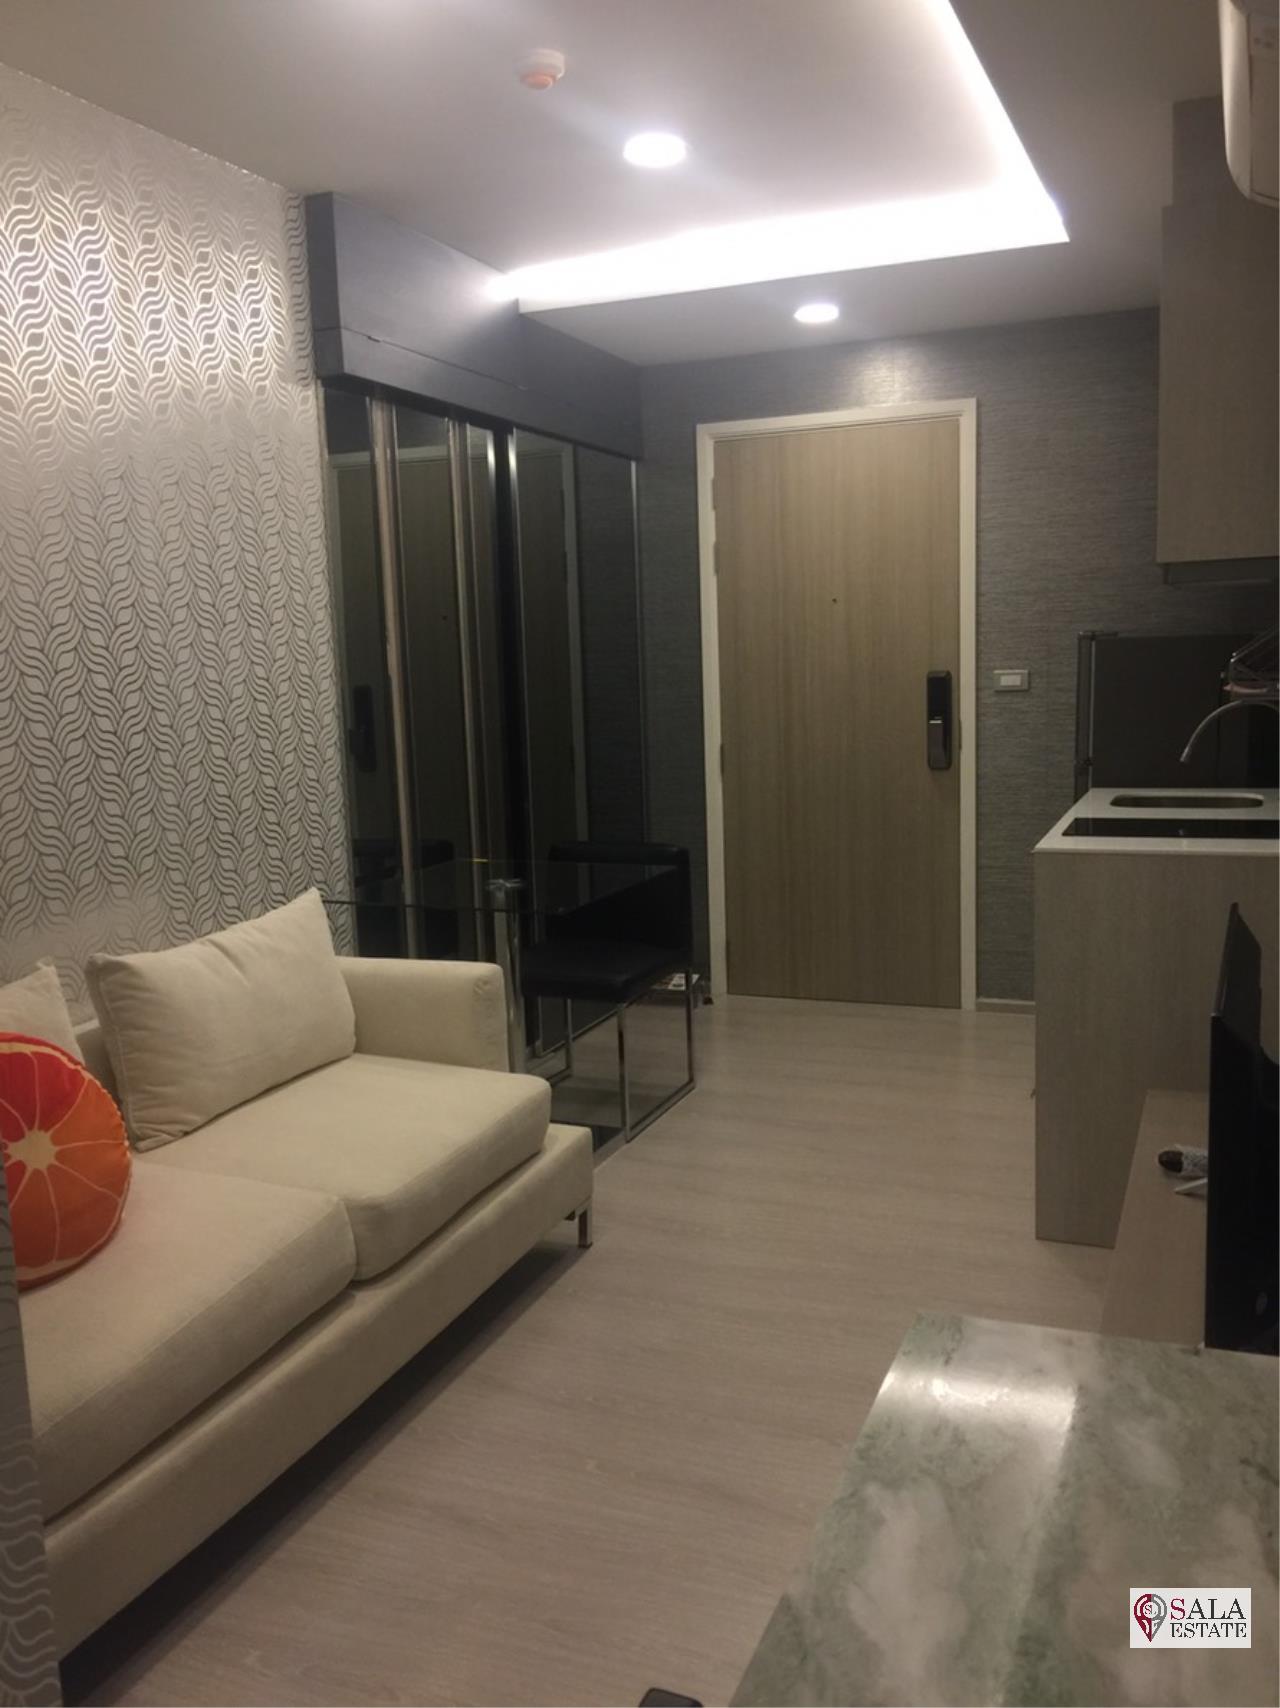 SALA ESTATE Agency's ( FOR RENT ) VTARA SUKHUMVIT 36 - BTS THONG LO , 1 BEDROOM 1 BATHROOM, FULLY FURNISHED 3